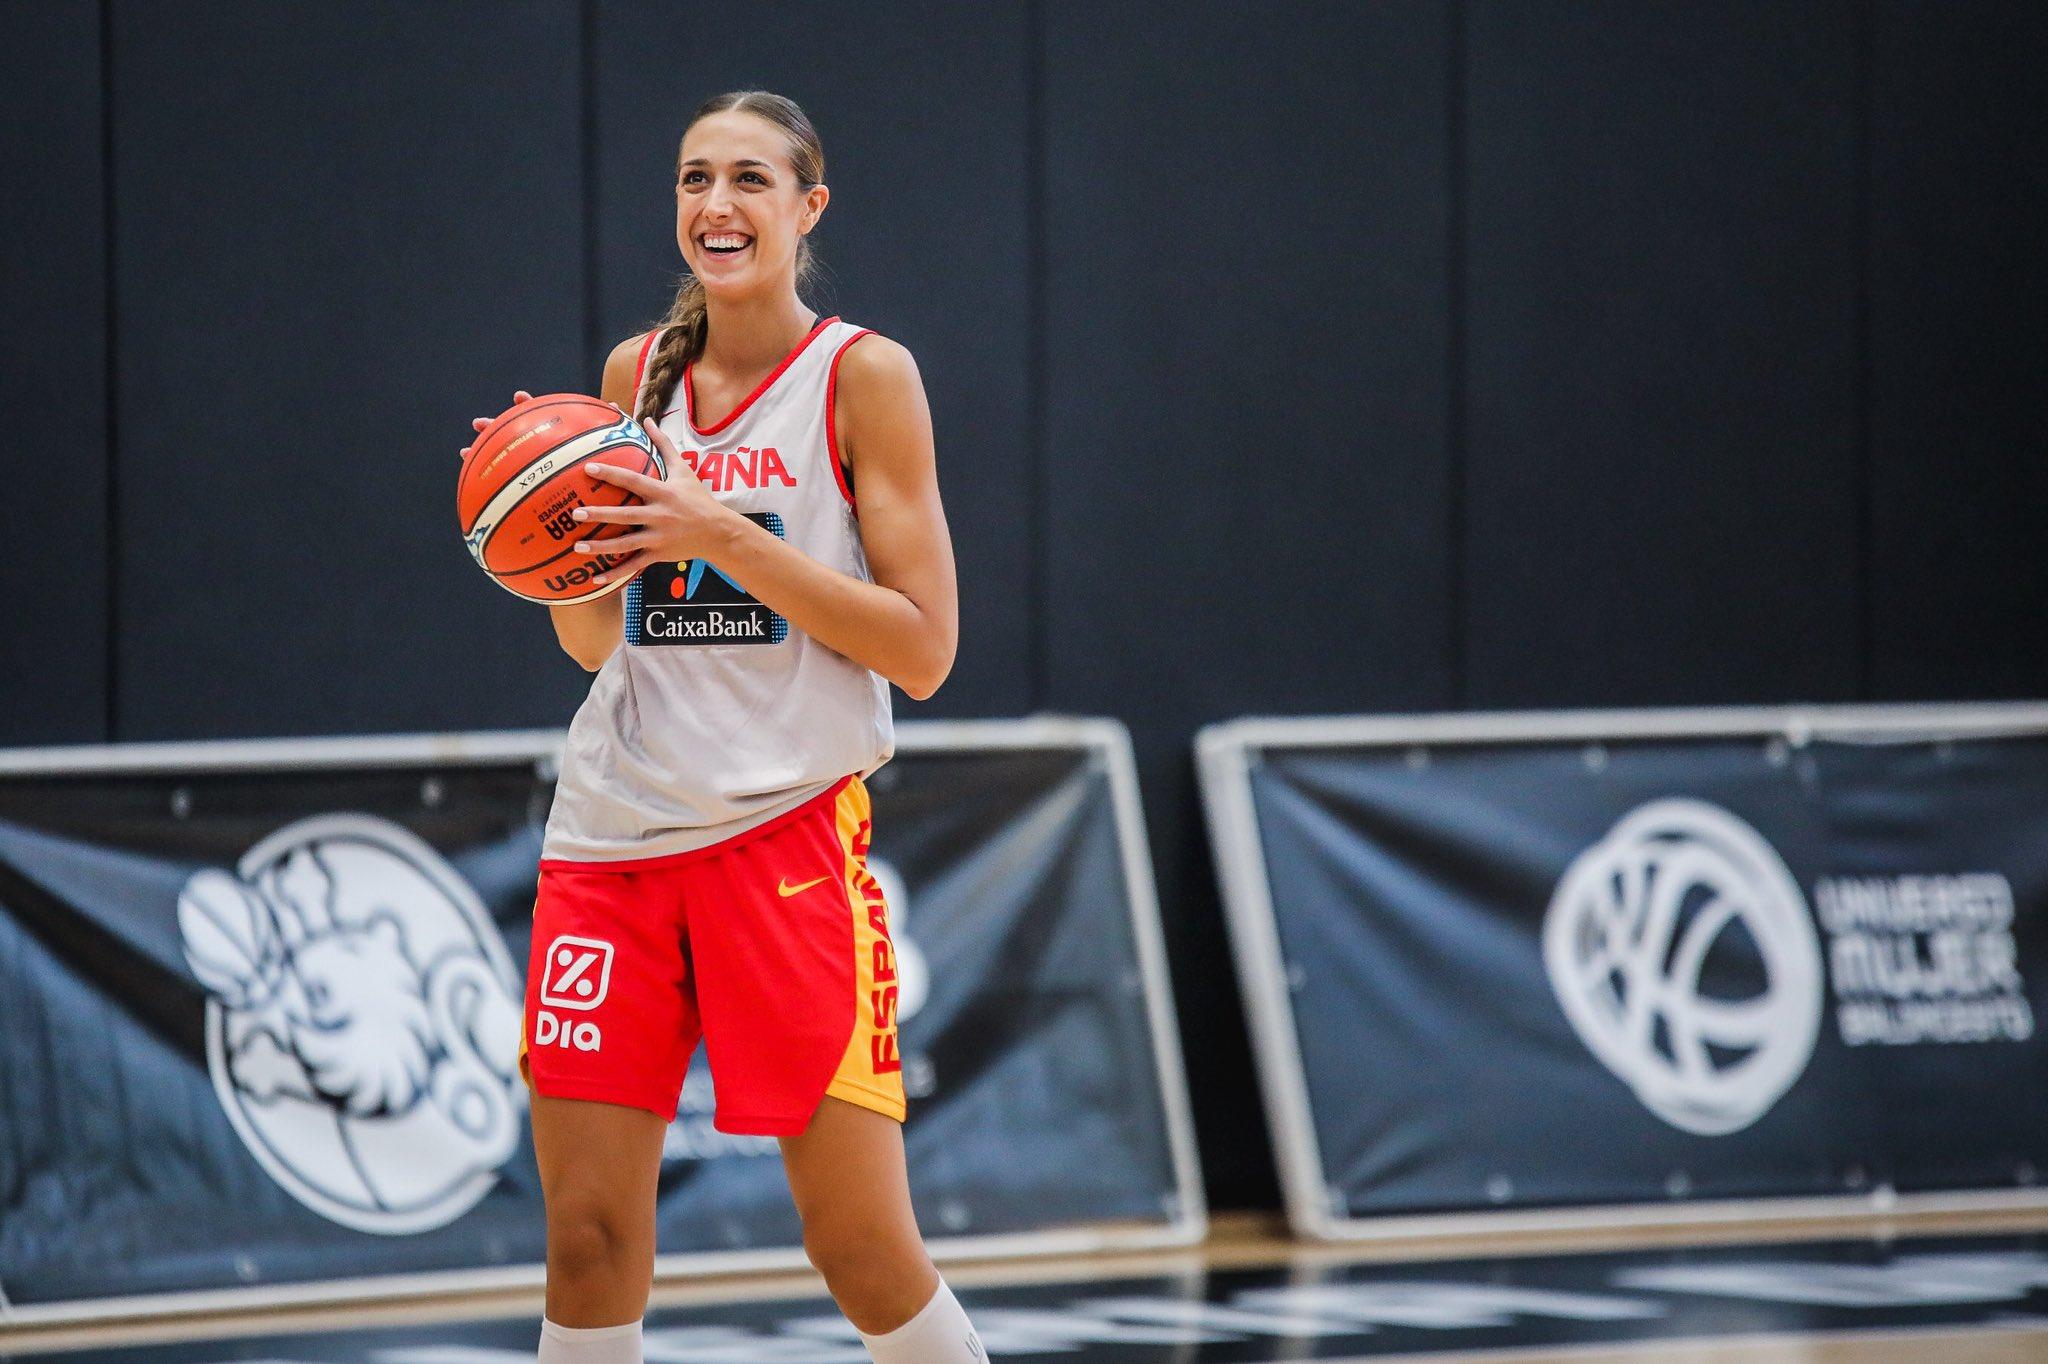 Tamara Abalde coa selección española no último eurobasket / TAMARA ABALDE